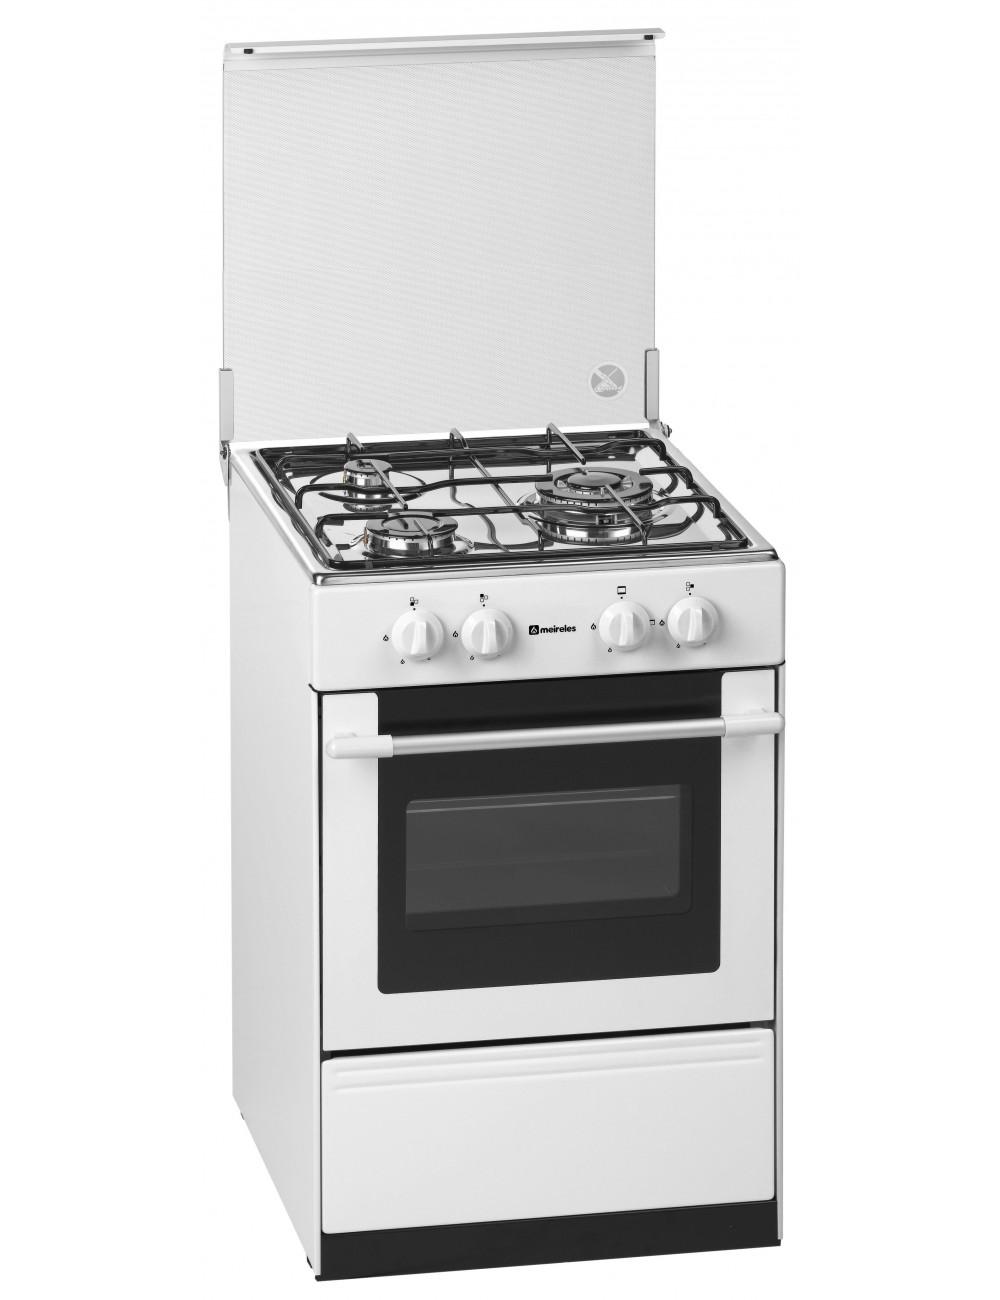 Cocina gas butano Meireles G-1530 DVW